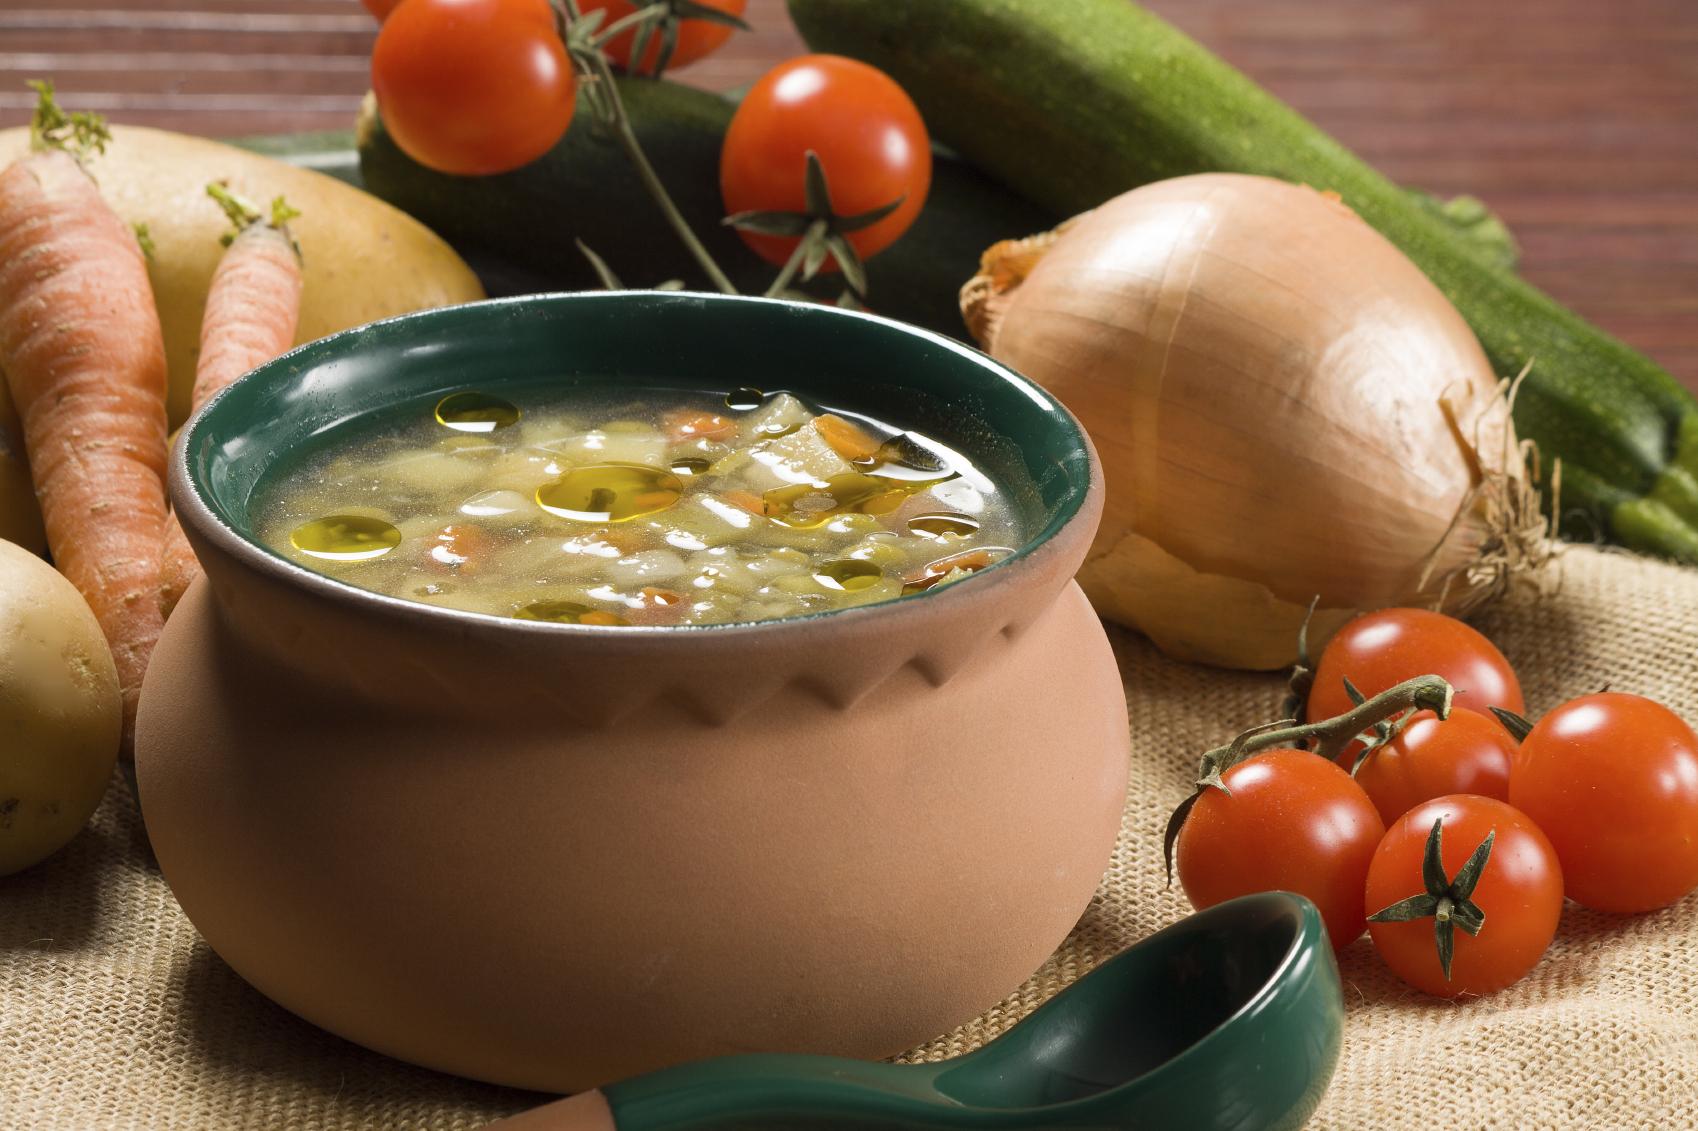 Sopa de patatas y judías verdes